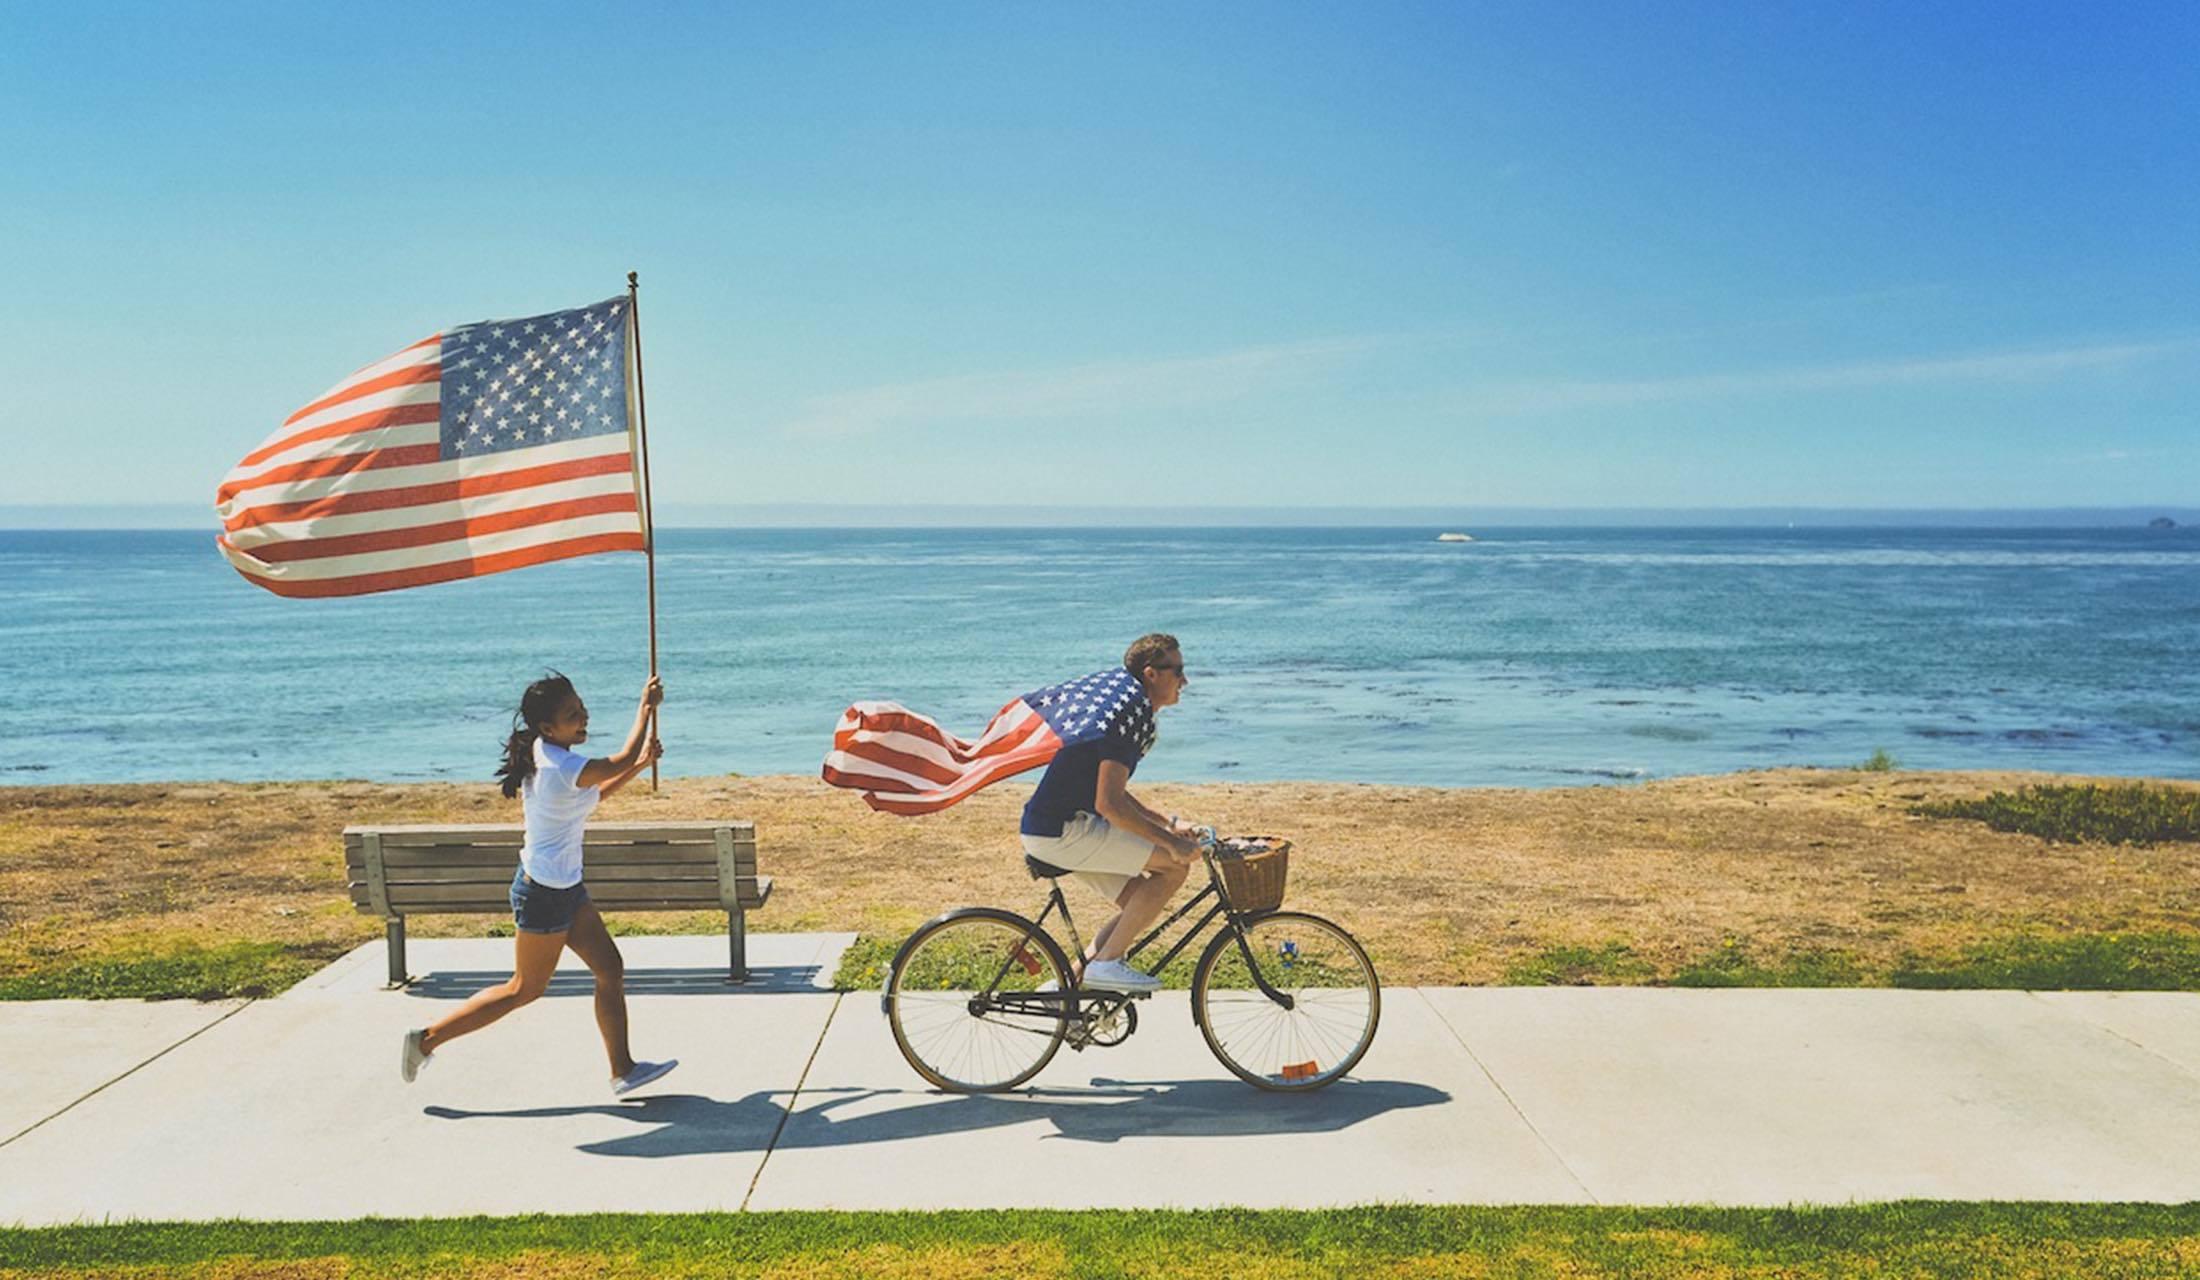 アメリカの国旗とともに走る男女